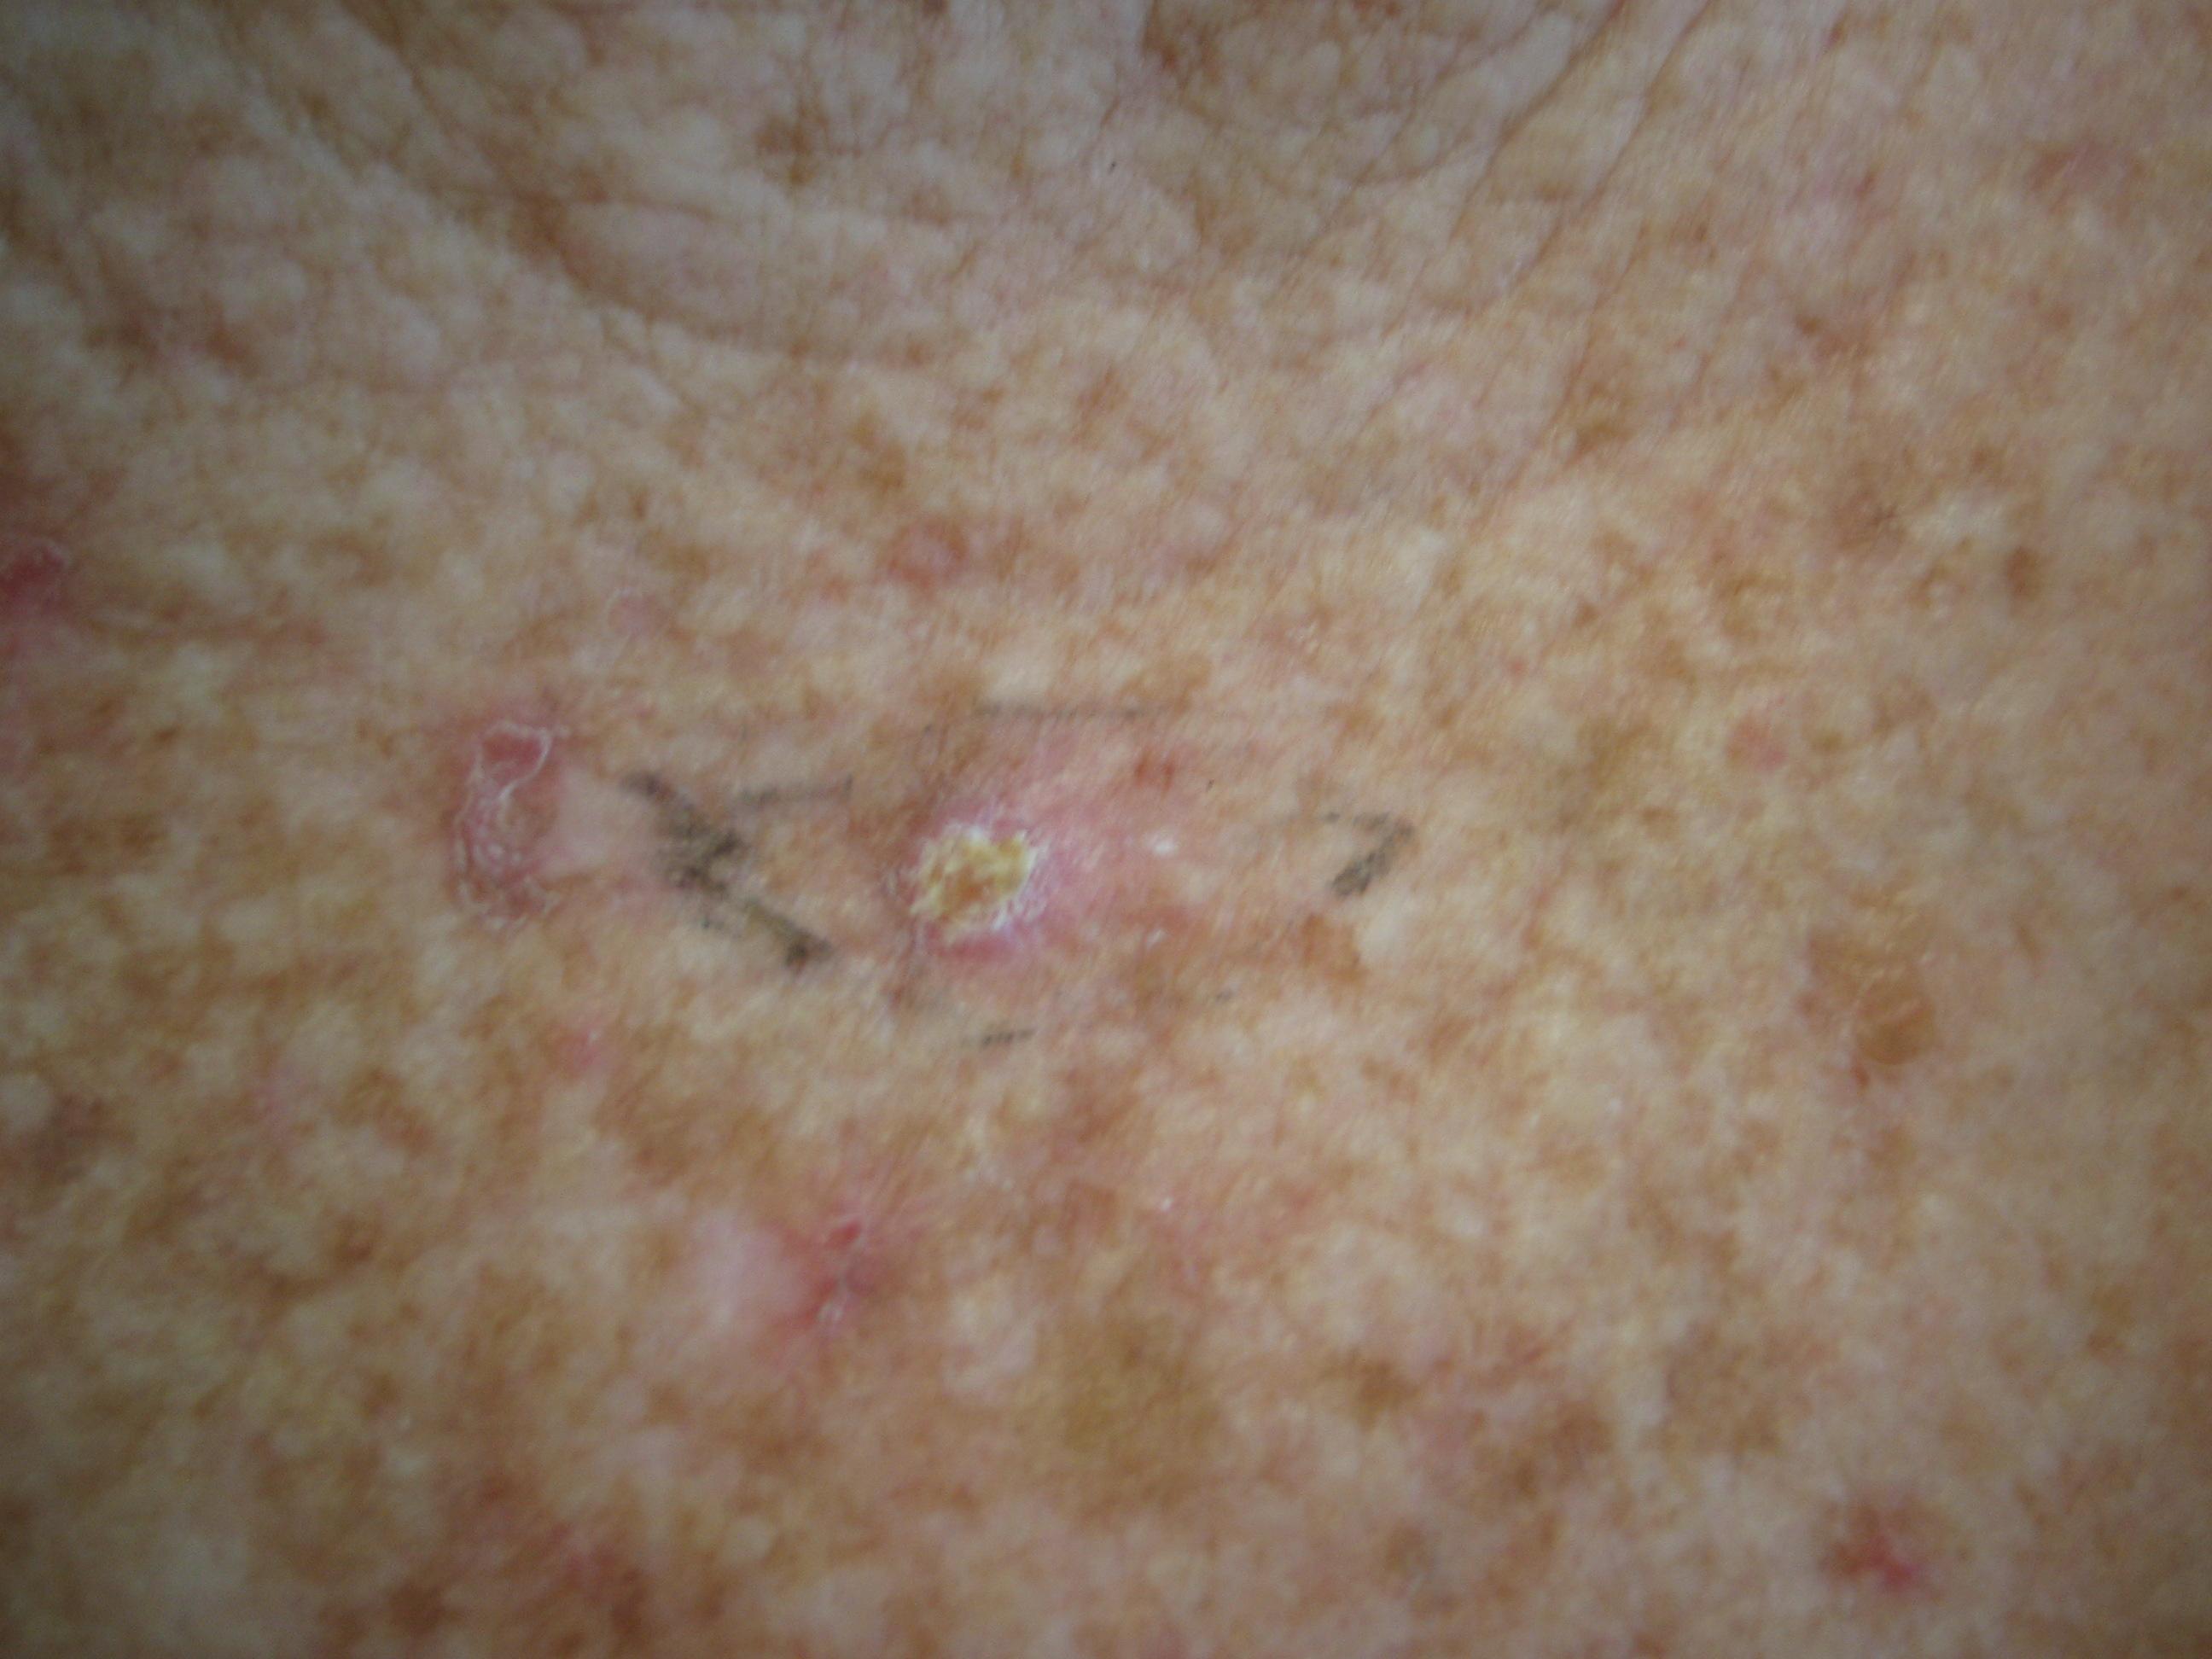 hpv scc skin papiloma en tiroides